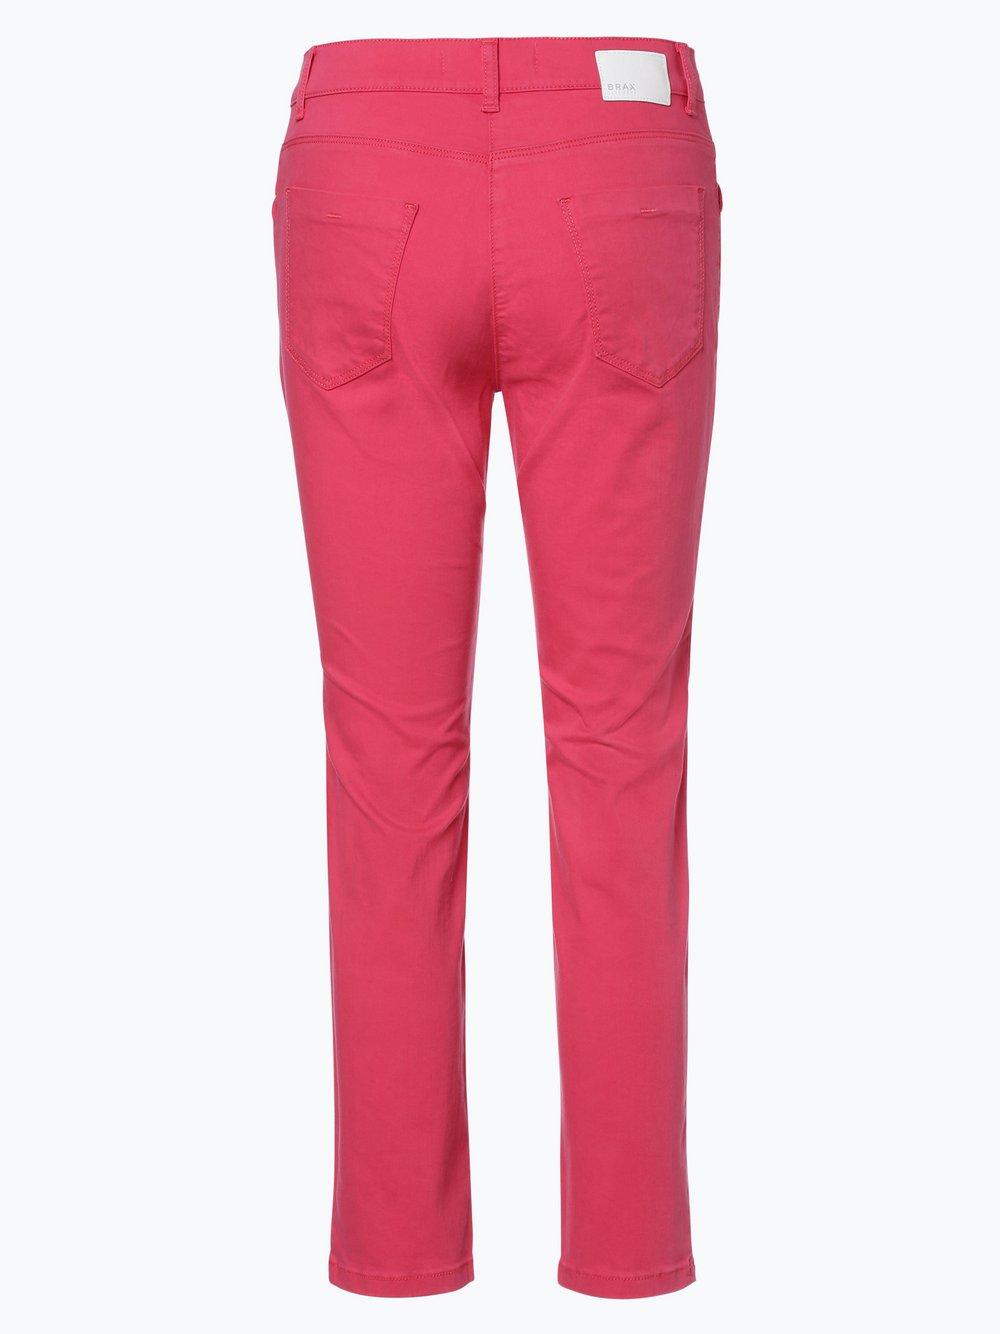 süß billig letzte Veröffentlichung UK Verfügbarkeit BRAX Damen Jeans - Siri online kaufen | VANGRAAF.COM